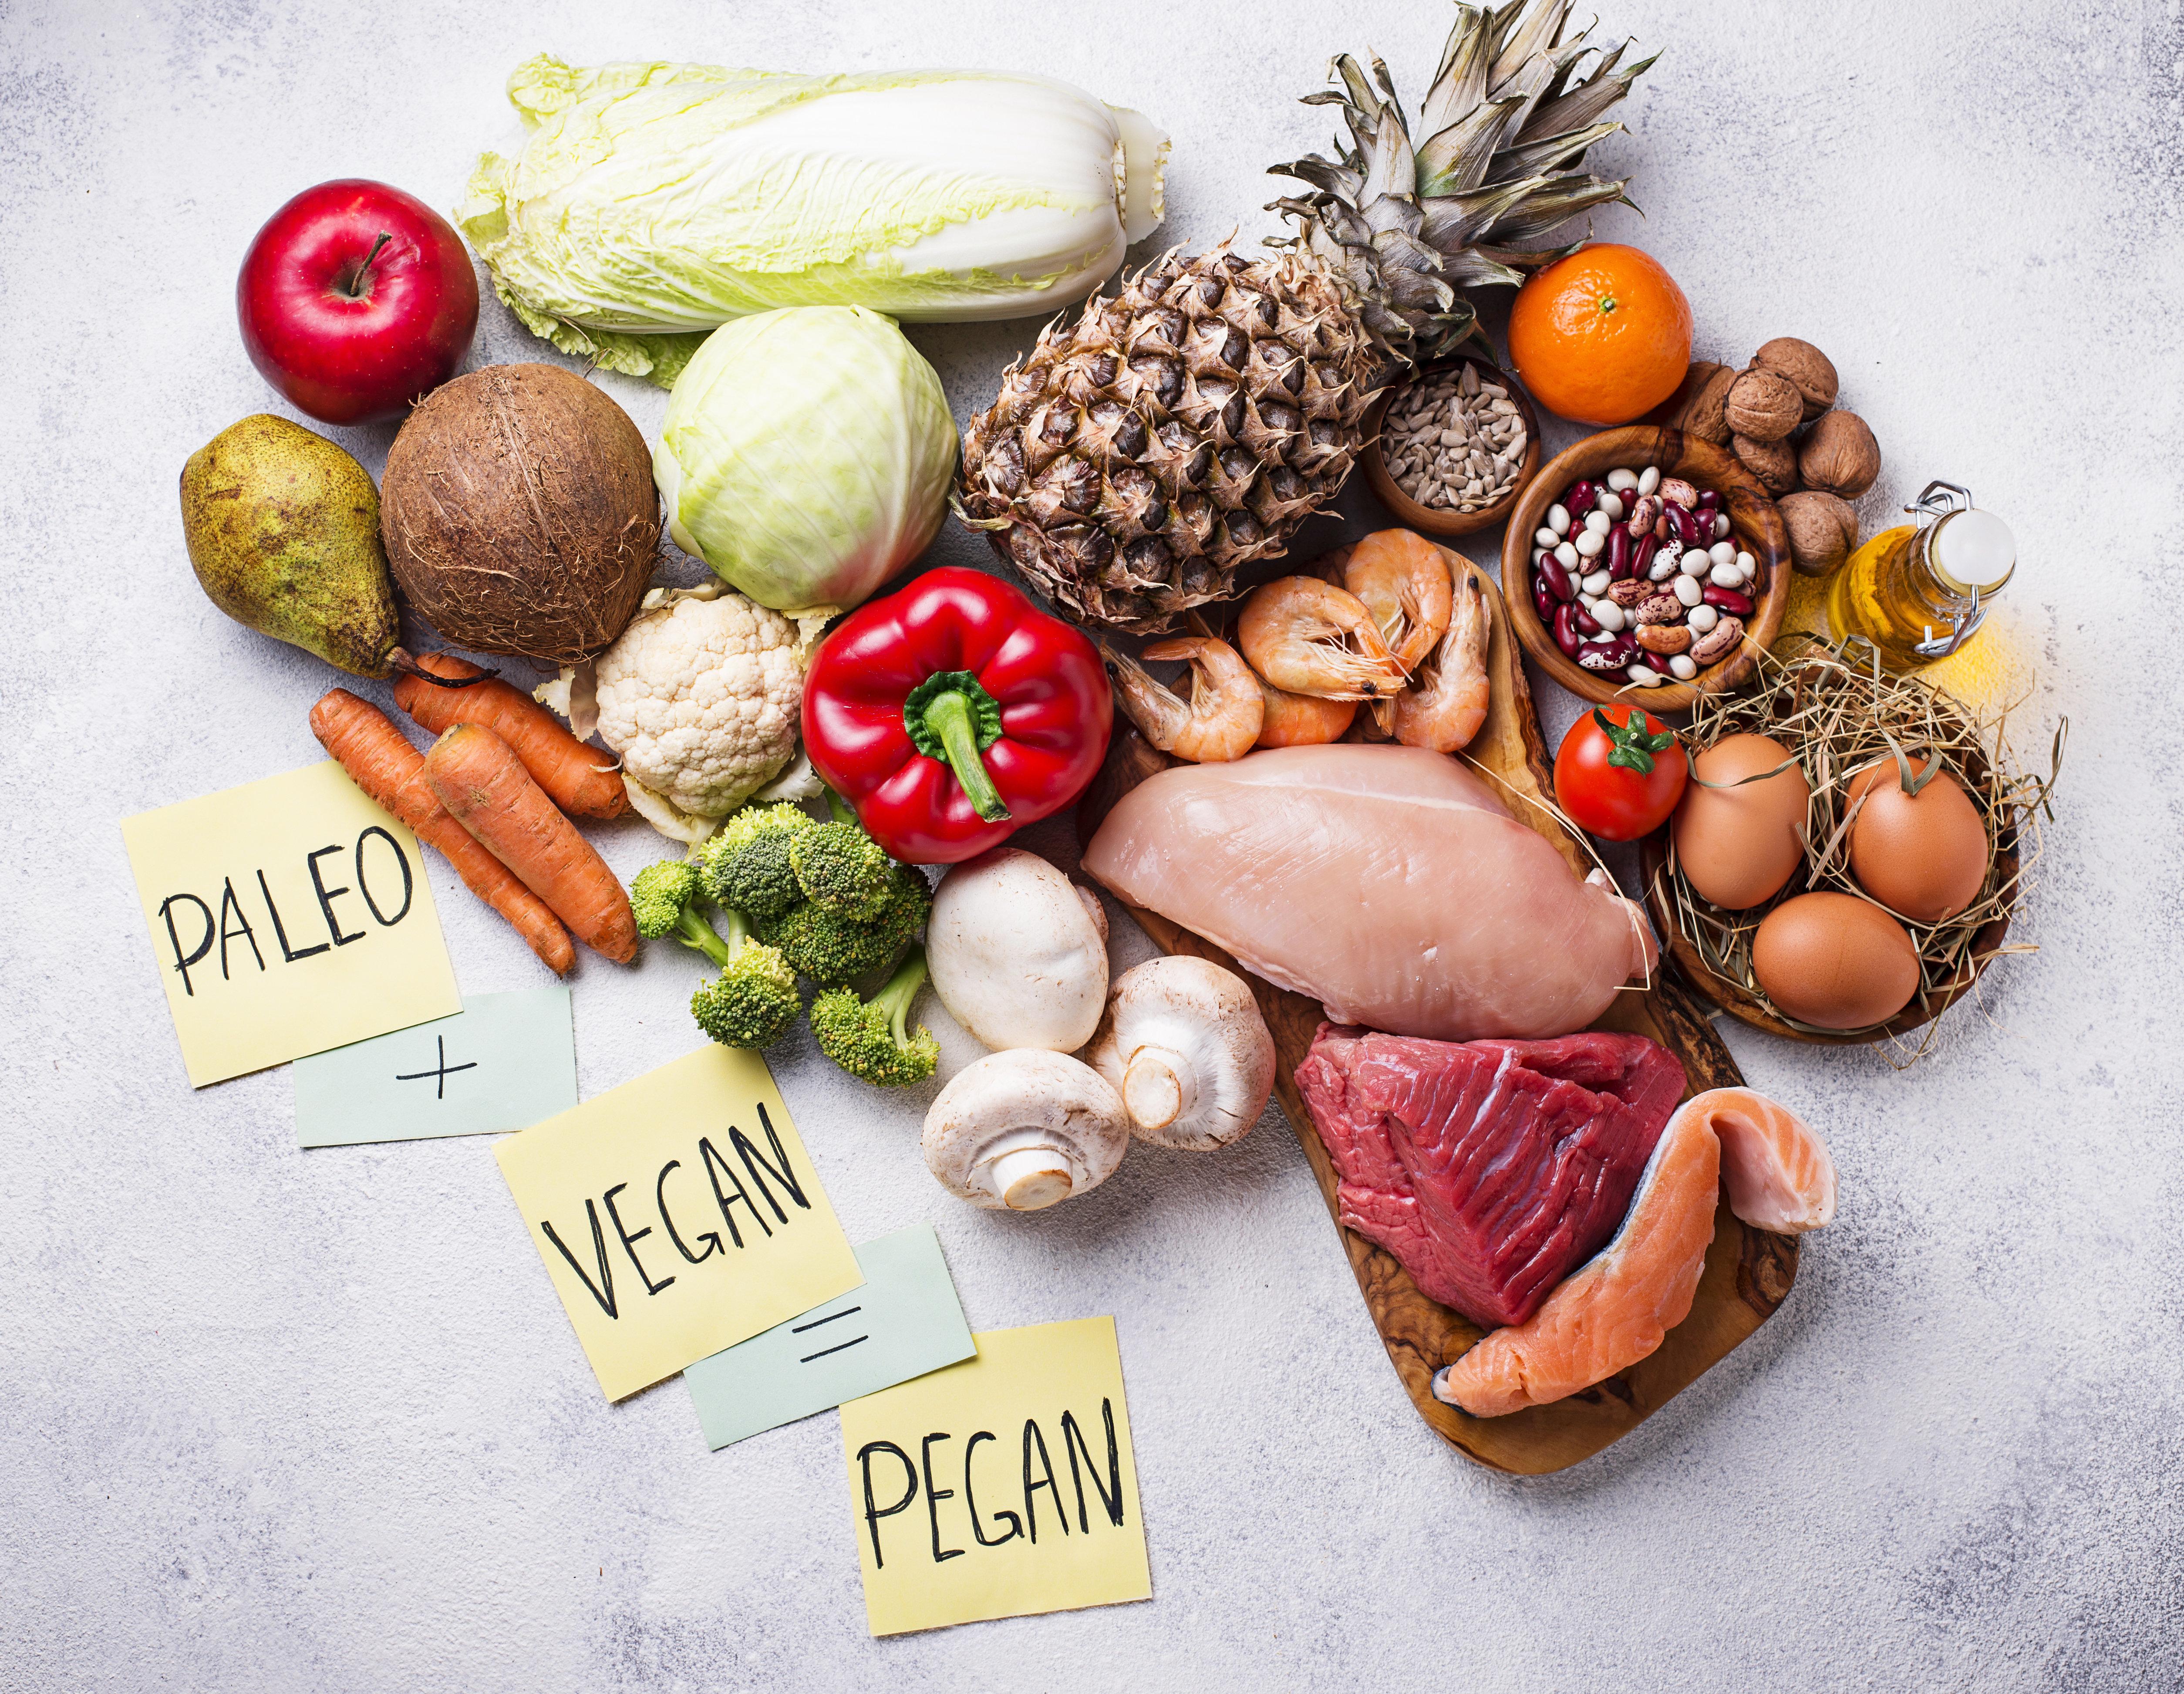 O que é dieta Pegana, que virou 'moda' nos EUA e Europa por misturar vegan com